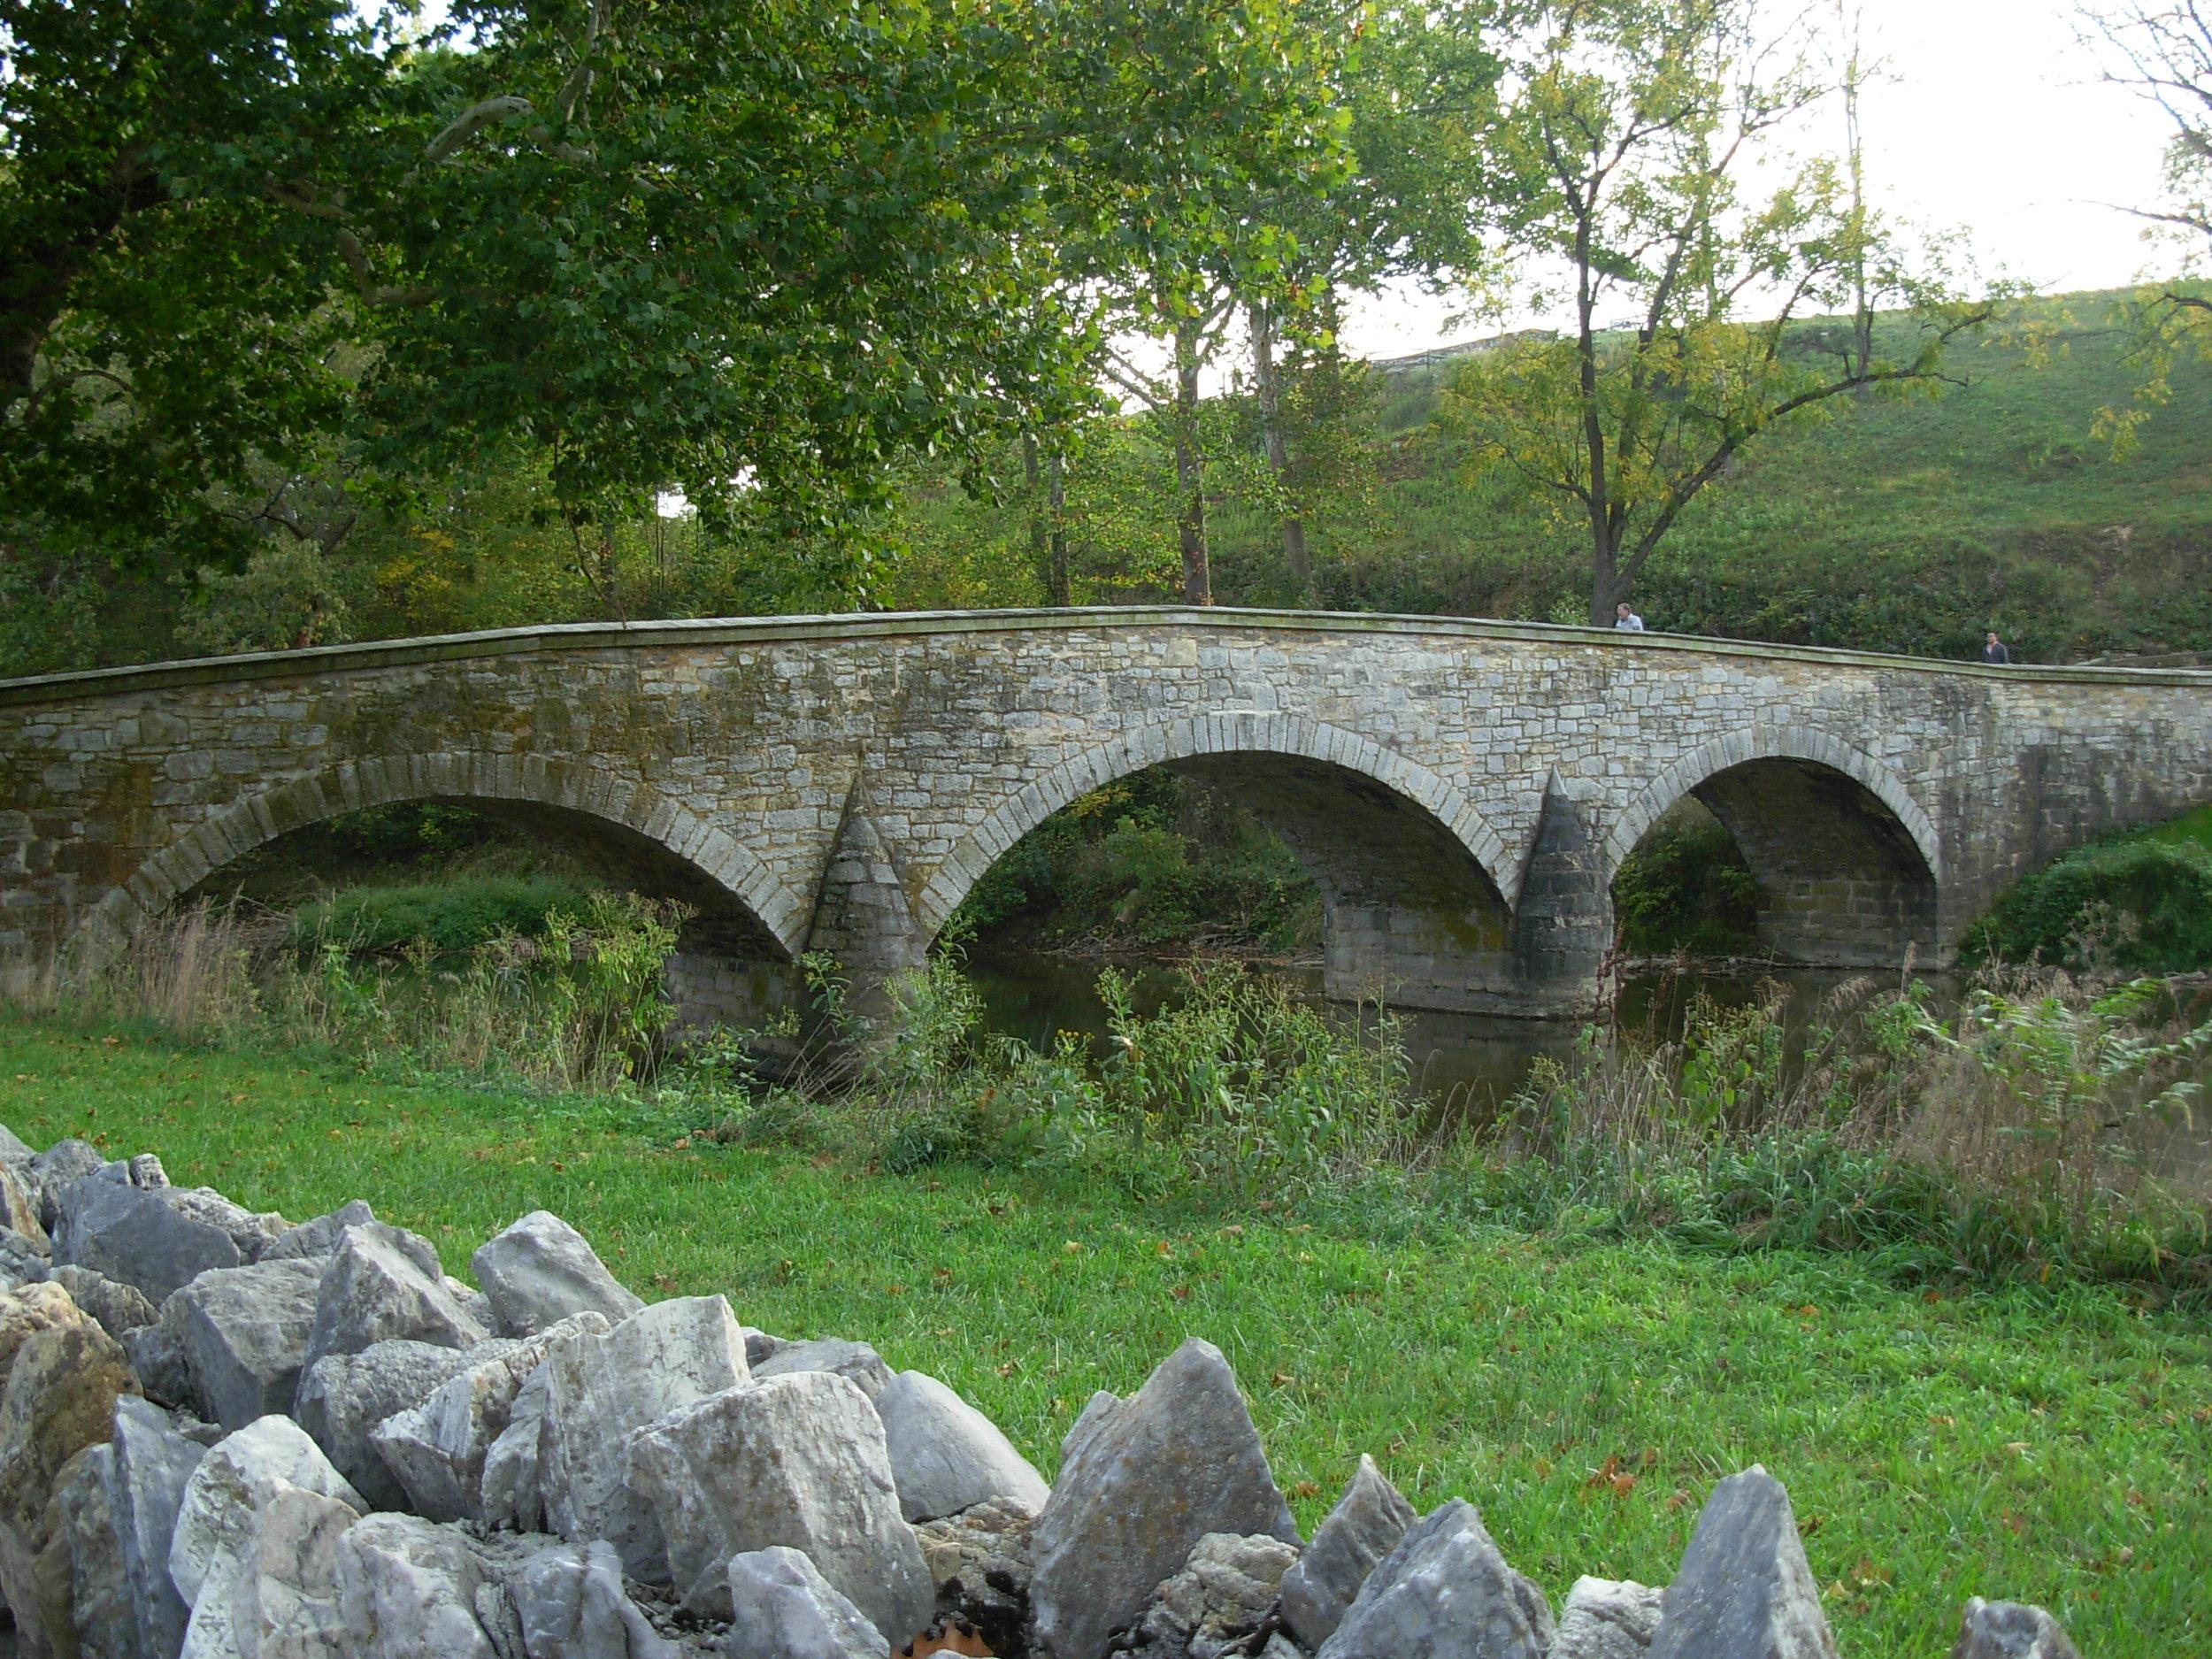 Antietam_National_Battlefield_Memorial_-_Burnside's_Bridge_05.JPG